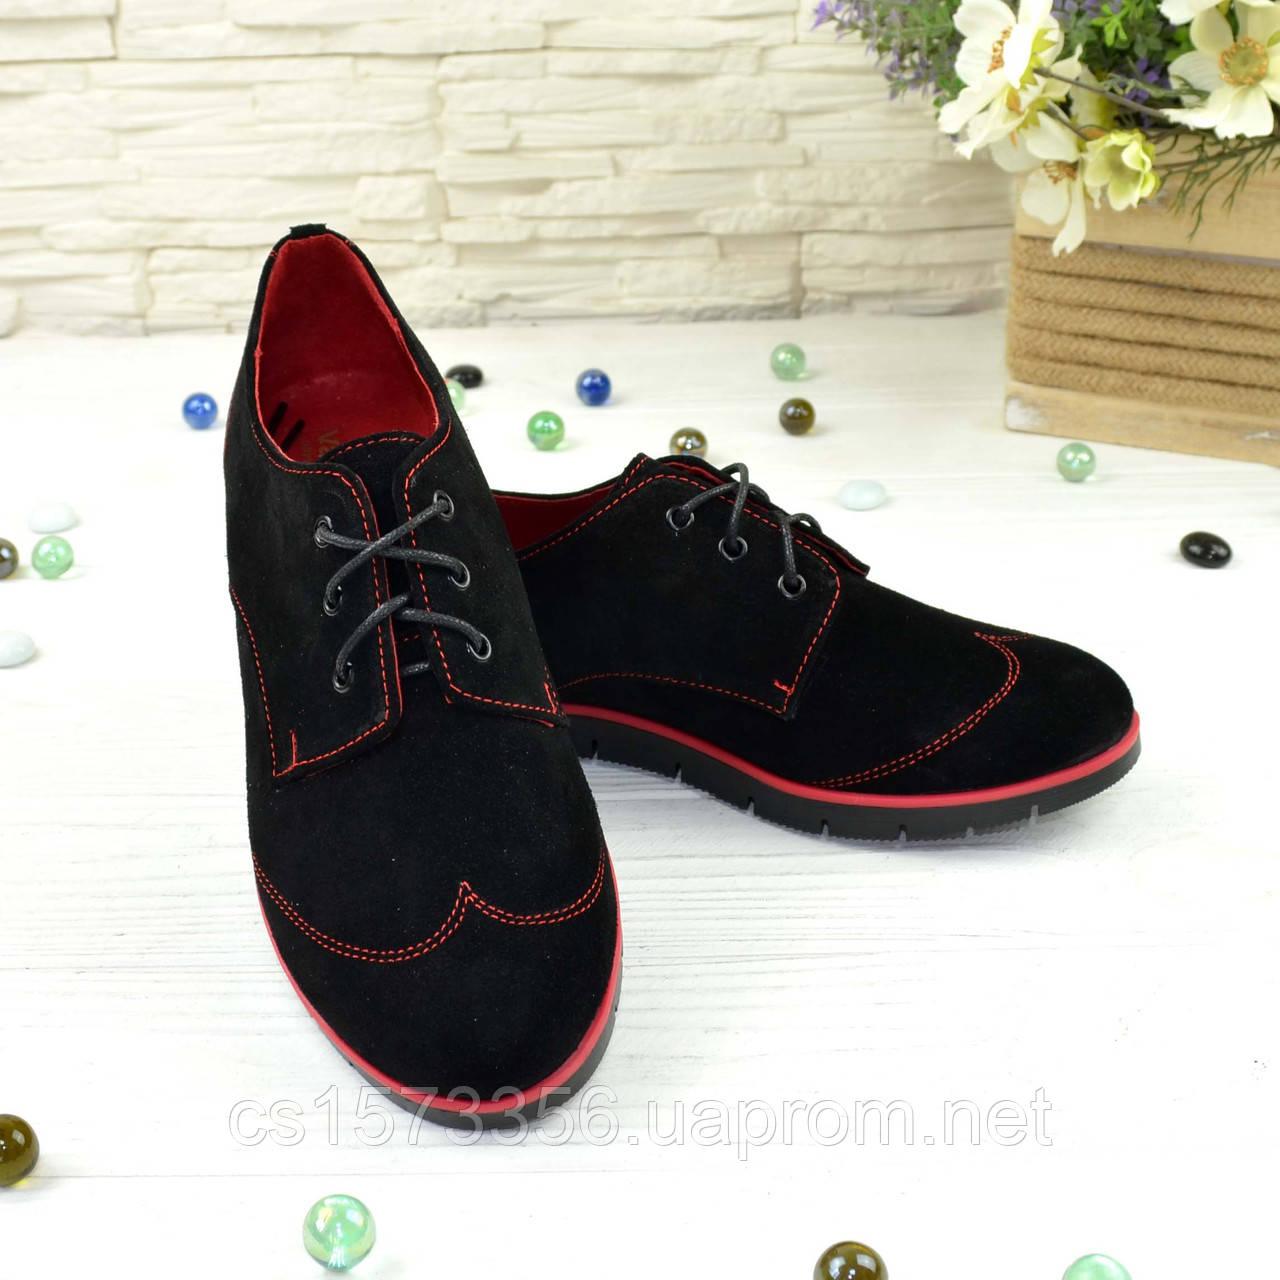 Туфли женские черные замшевые на шнуровке, низкий ход